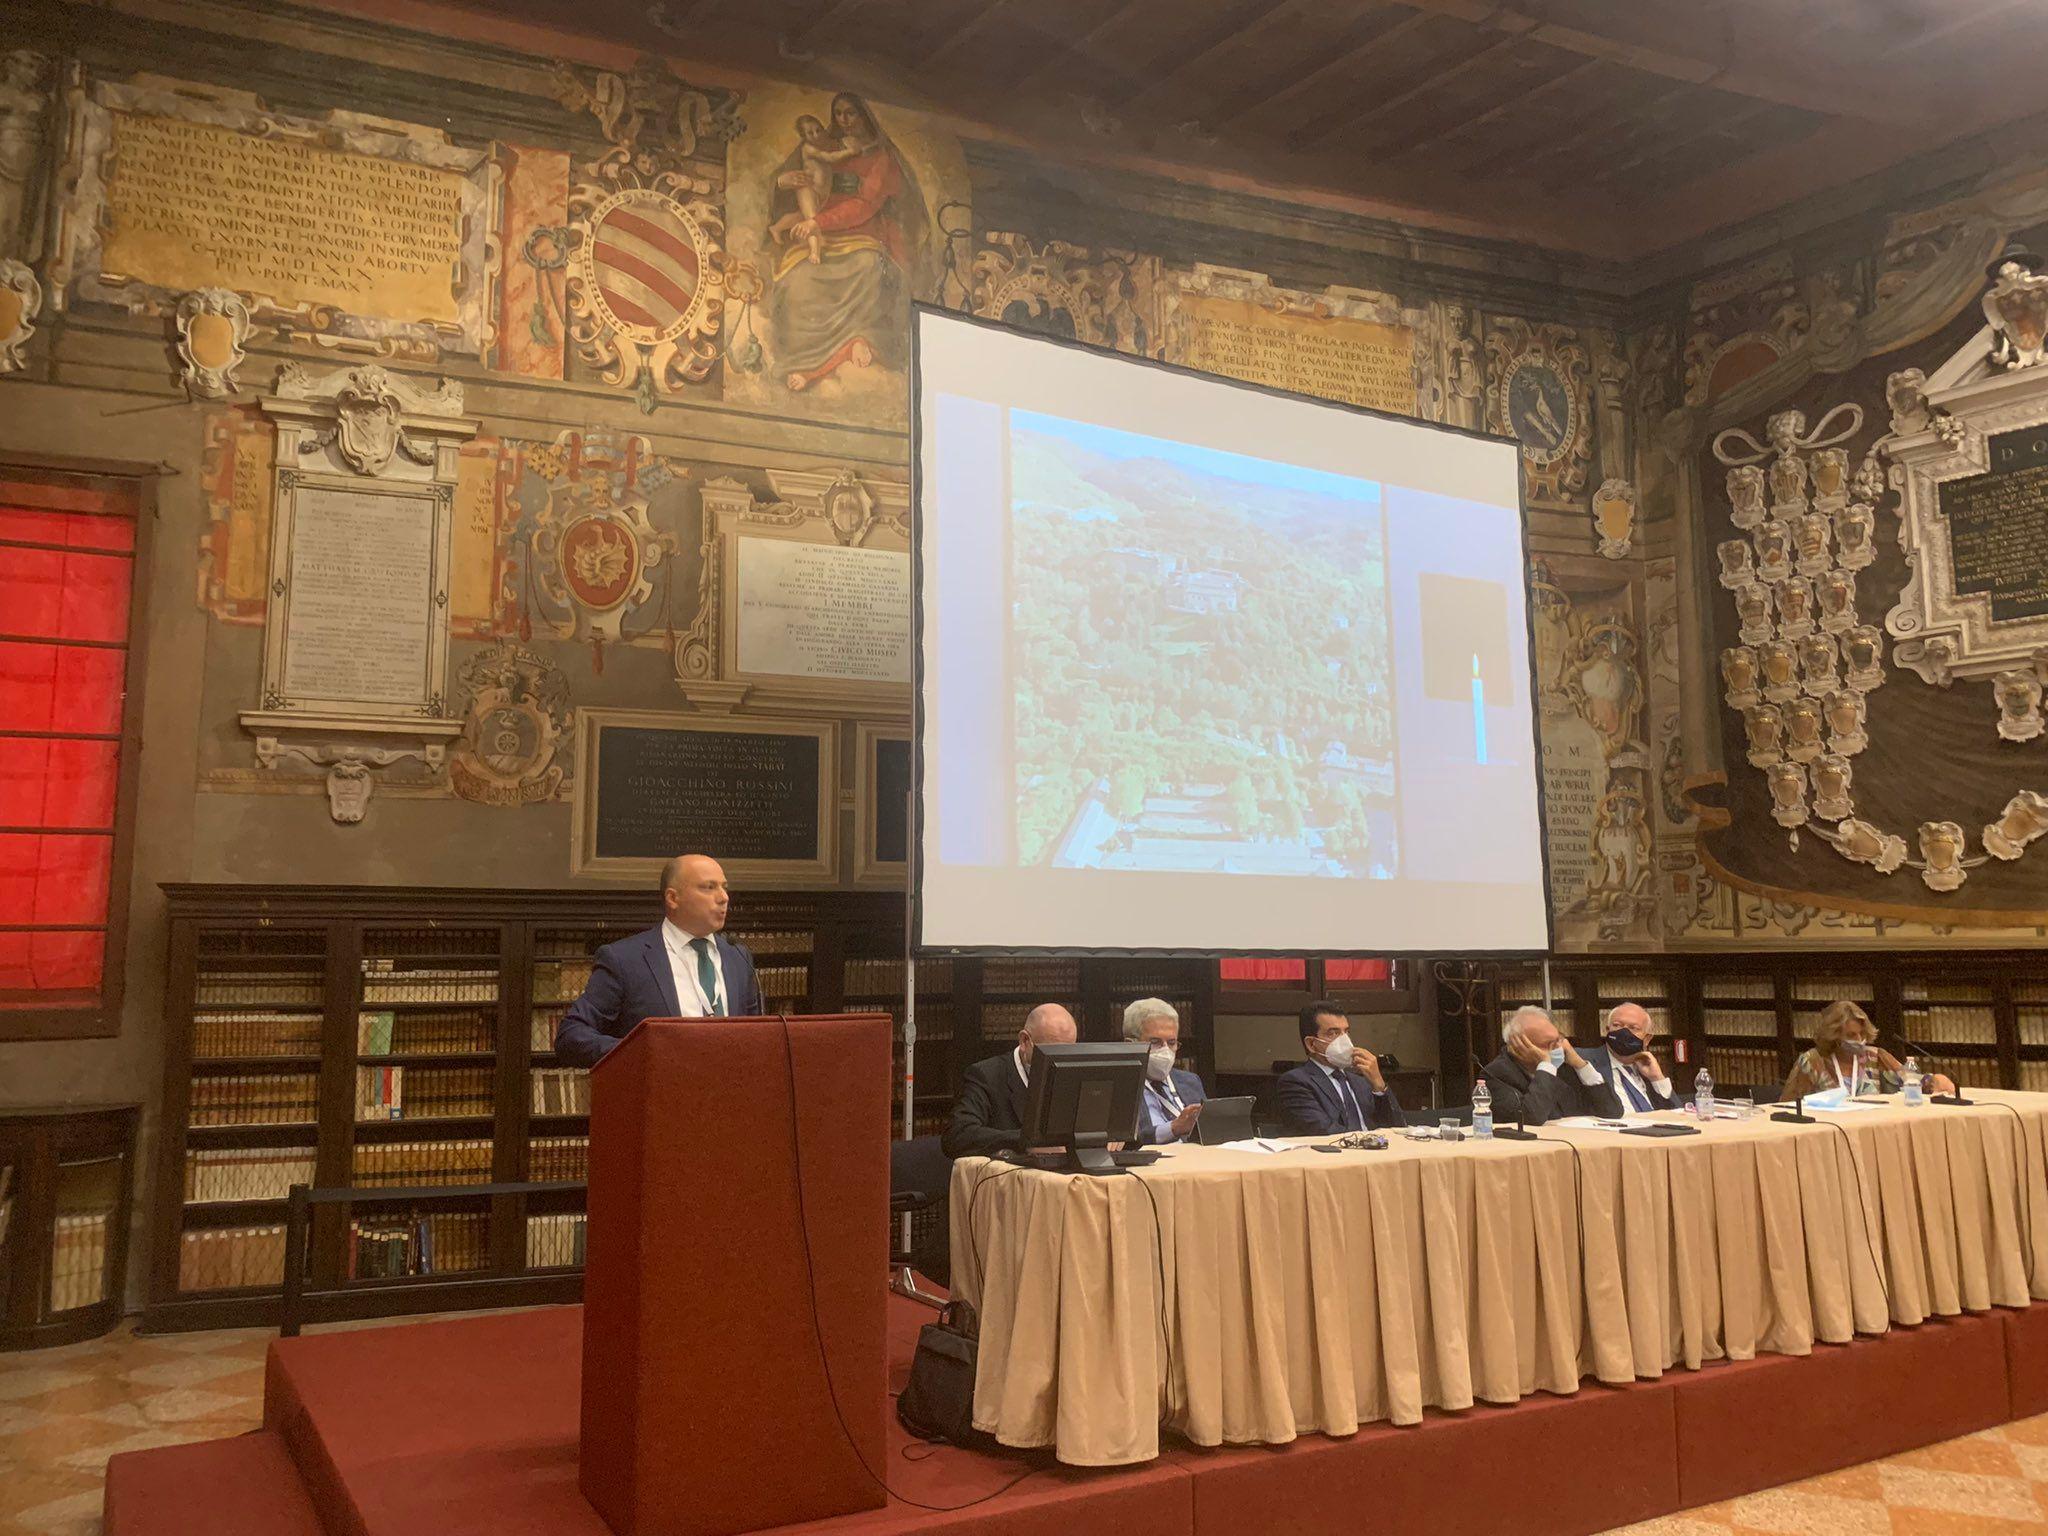 L'Italia, l'Azerbaigian e la ricerca del dialogo tra civiltà